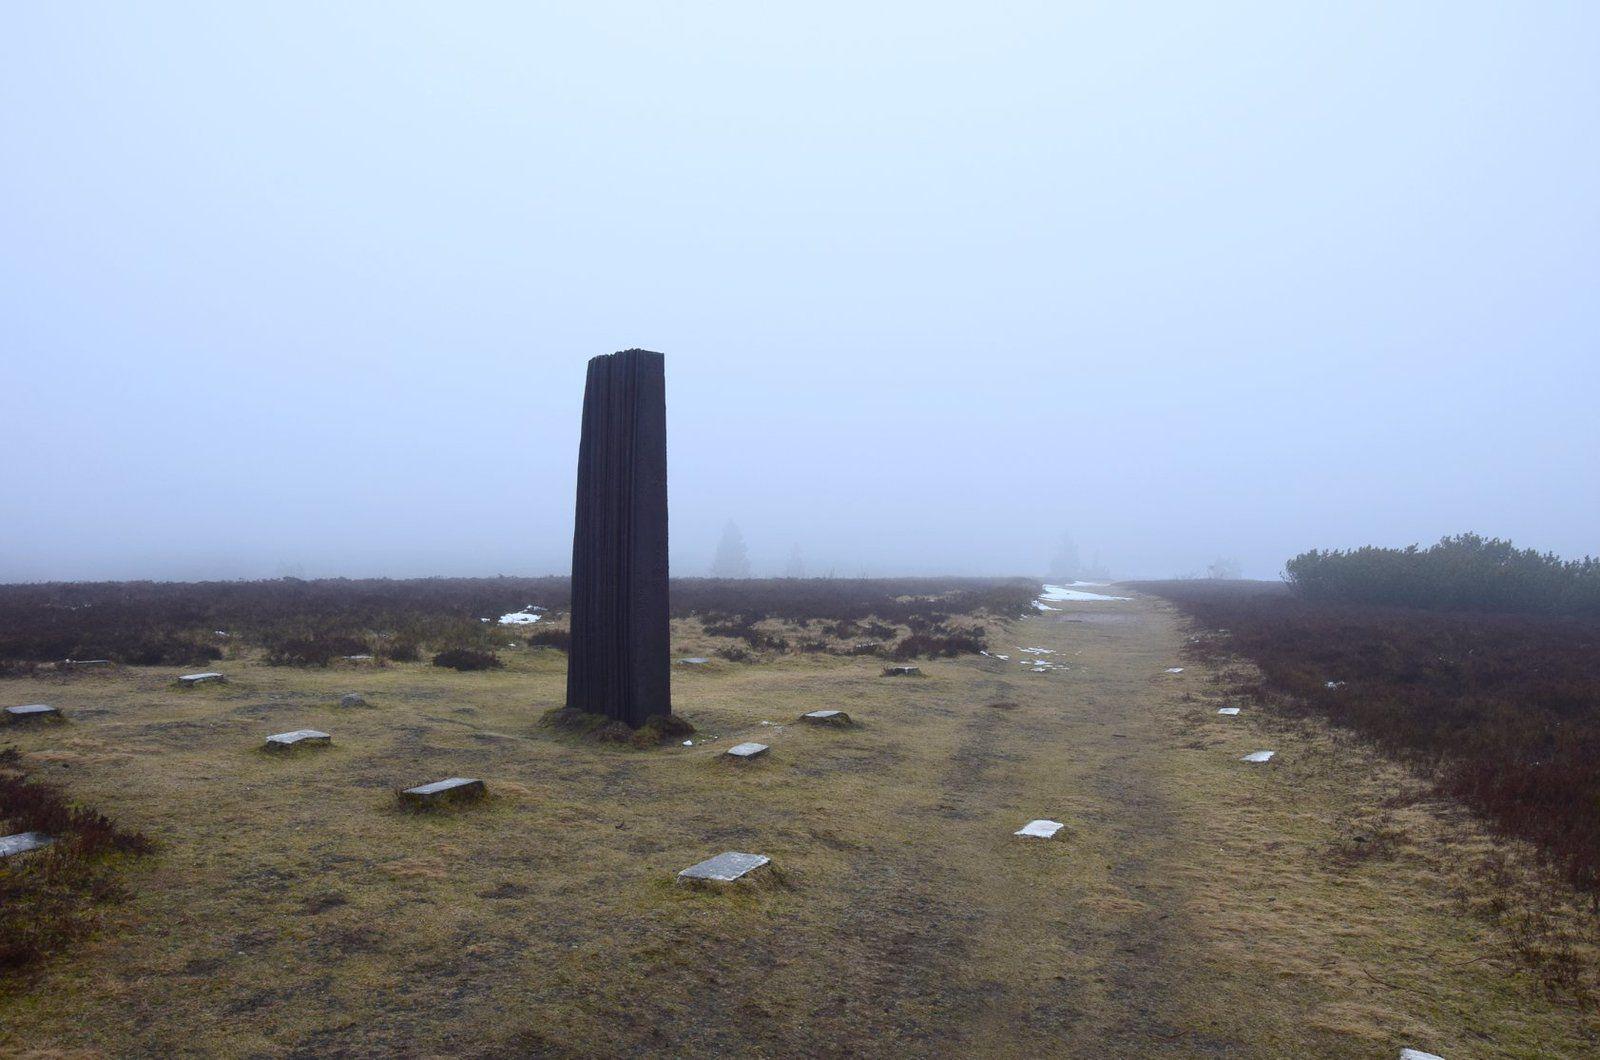 Les paysages sont engloutis dans le brouillard